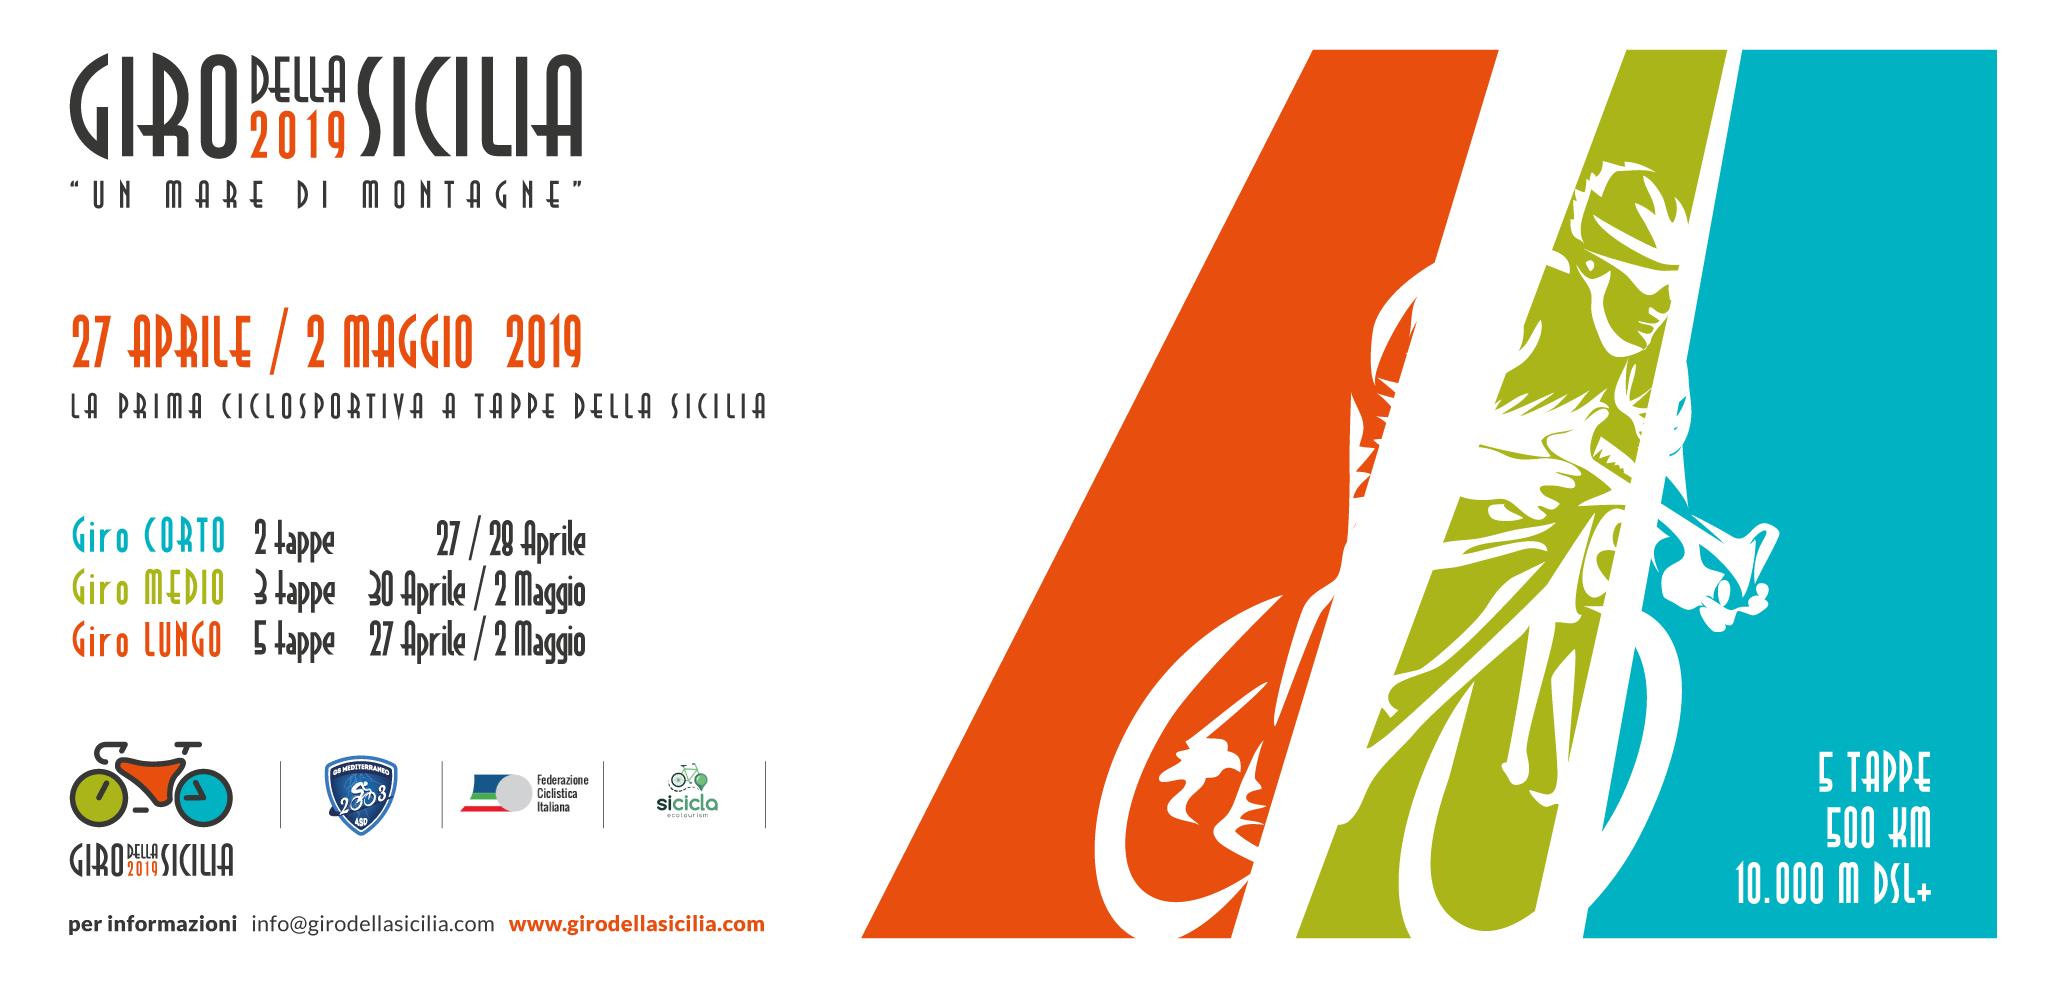 Giro della Sicilia 2019